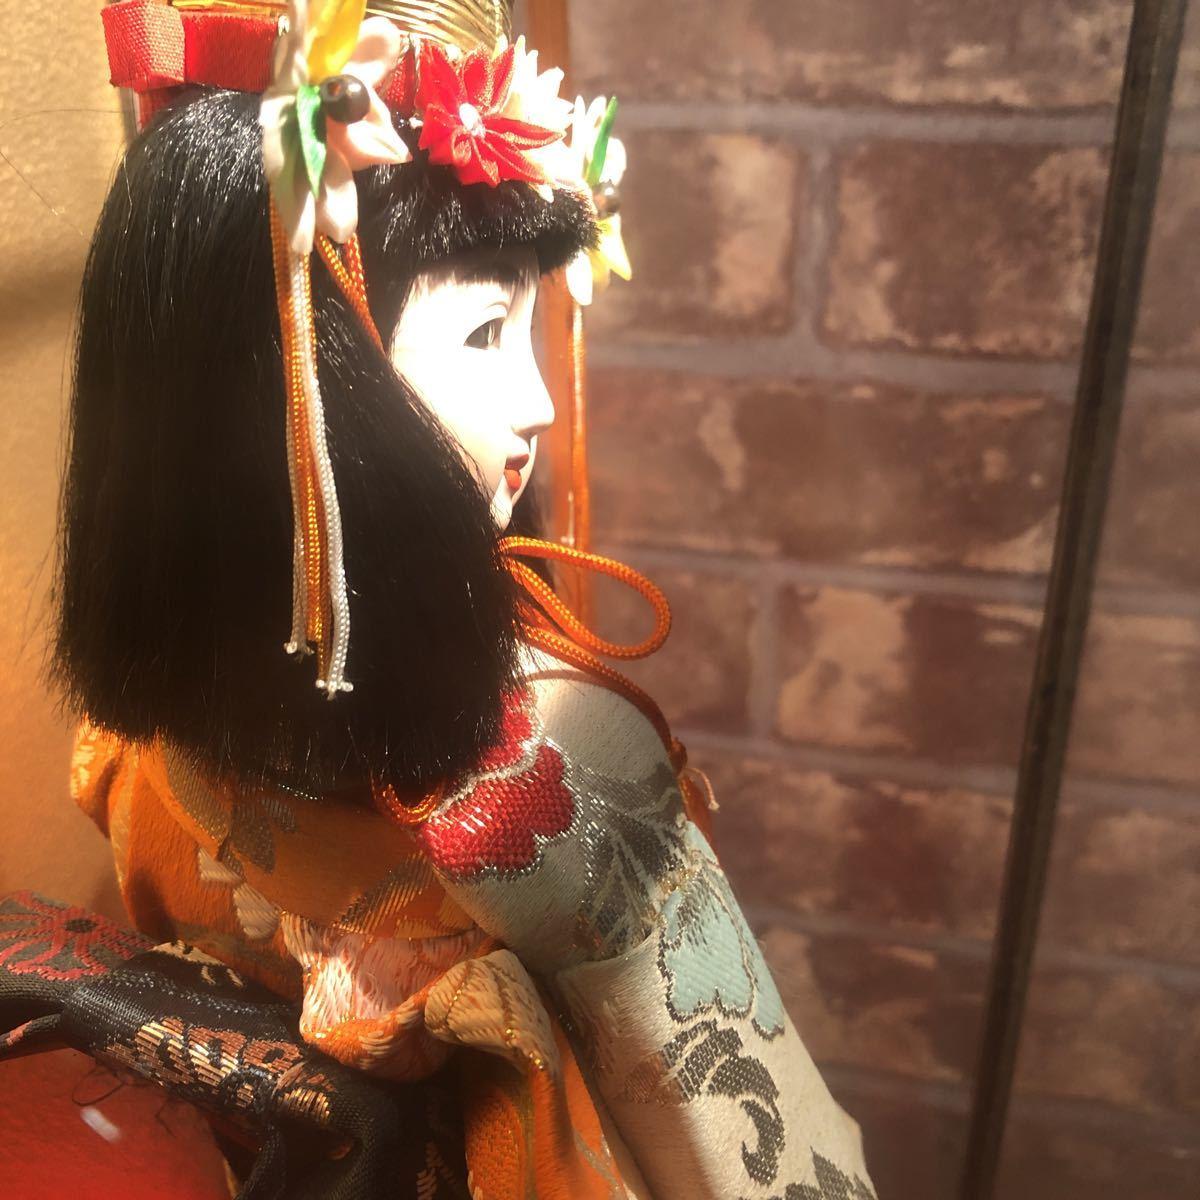 3283 浅妻 古い レトロ 日本人形 ガラスケースつき 昭和レトロ アンティーク 幅29cm高さ43cm奥行き24cm_画像9